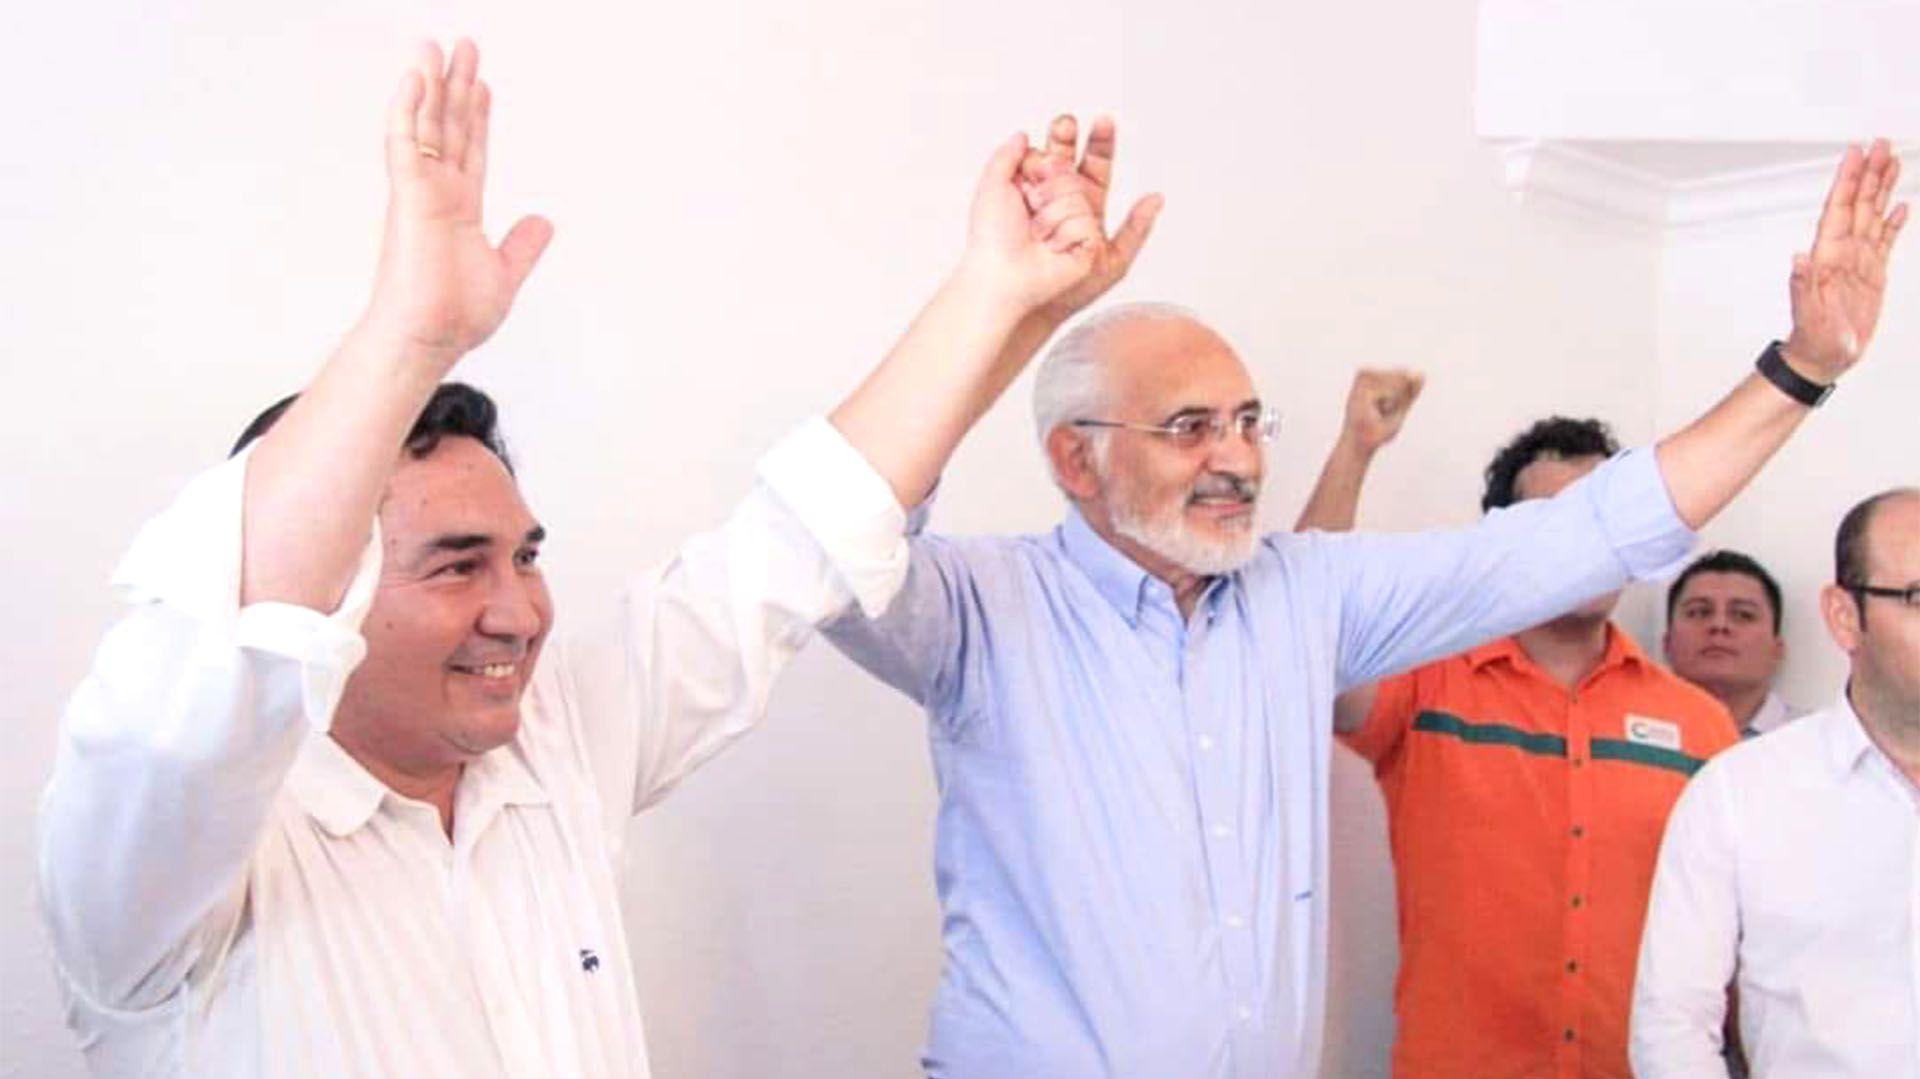 Mesa recibe el respaldo del alcalde de San José de Chiquitos y candidato a gobernador de Santa Cruz, Germain Caballero